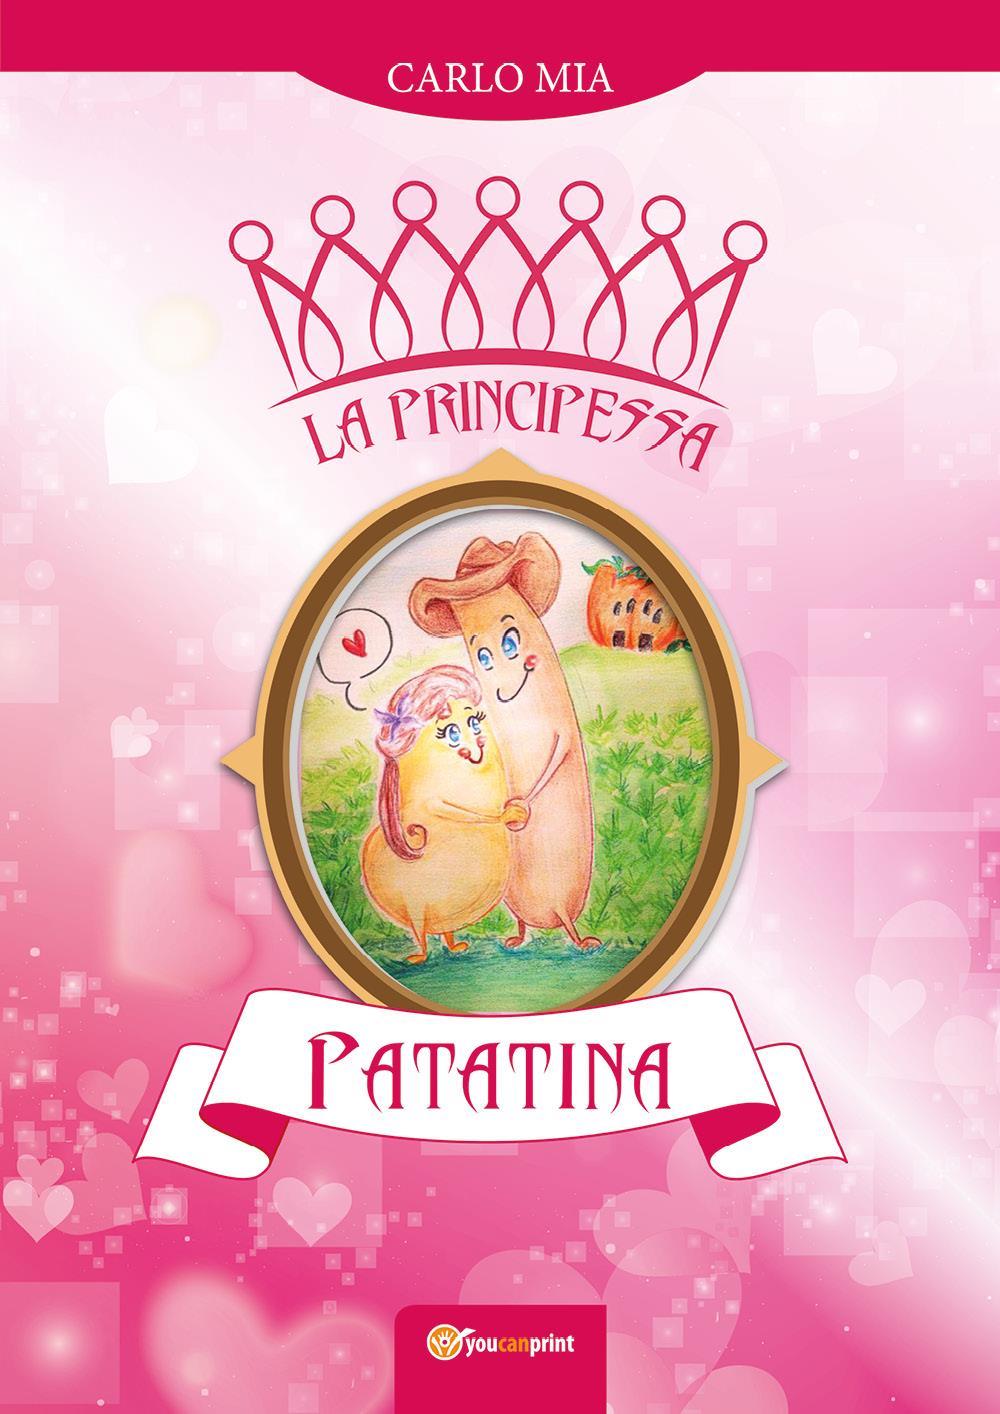 La Principessa Patatina